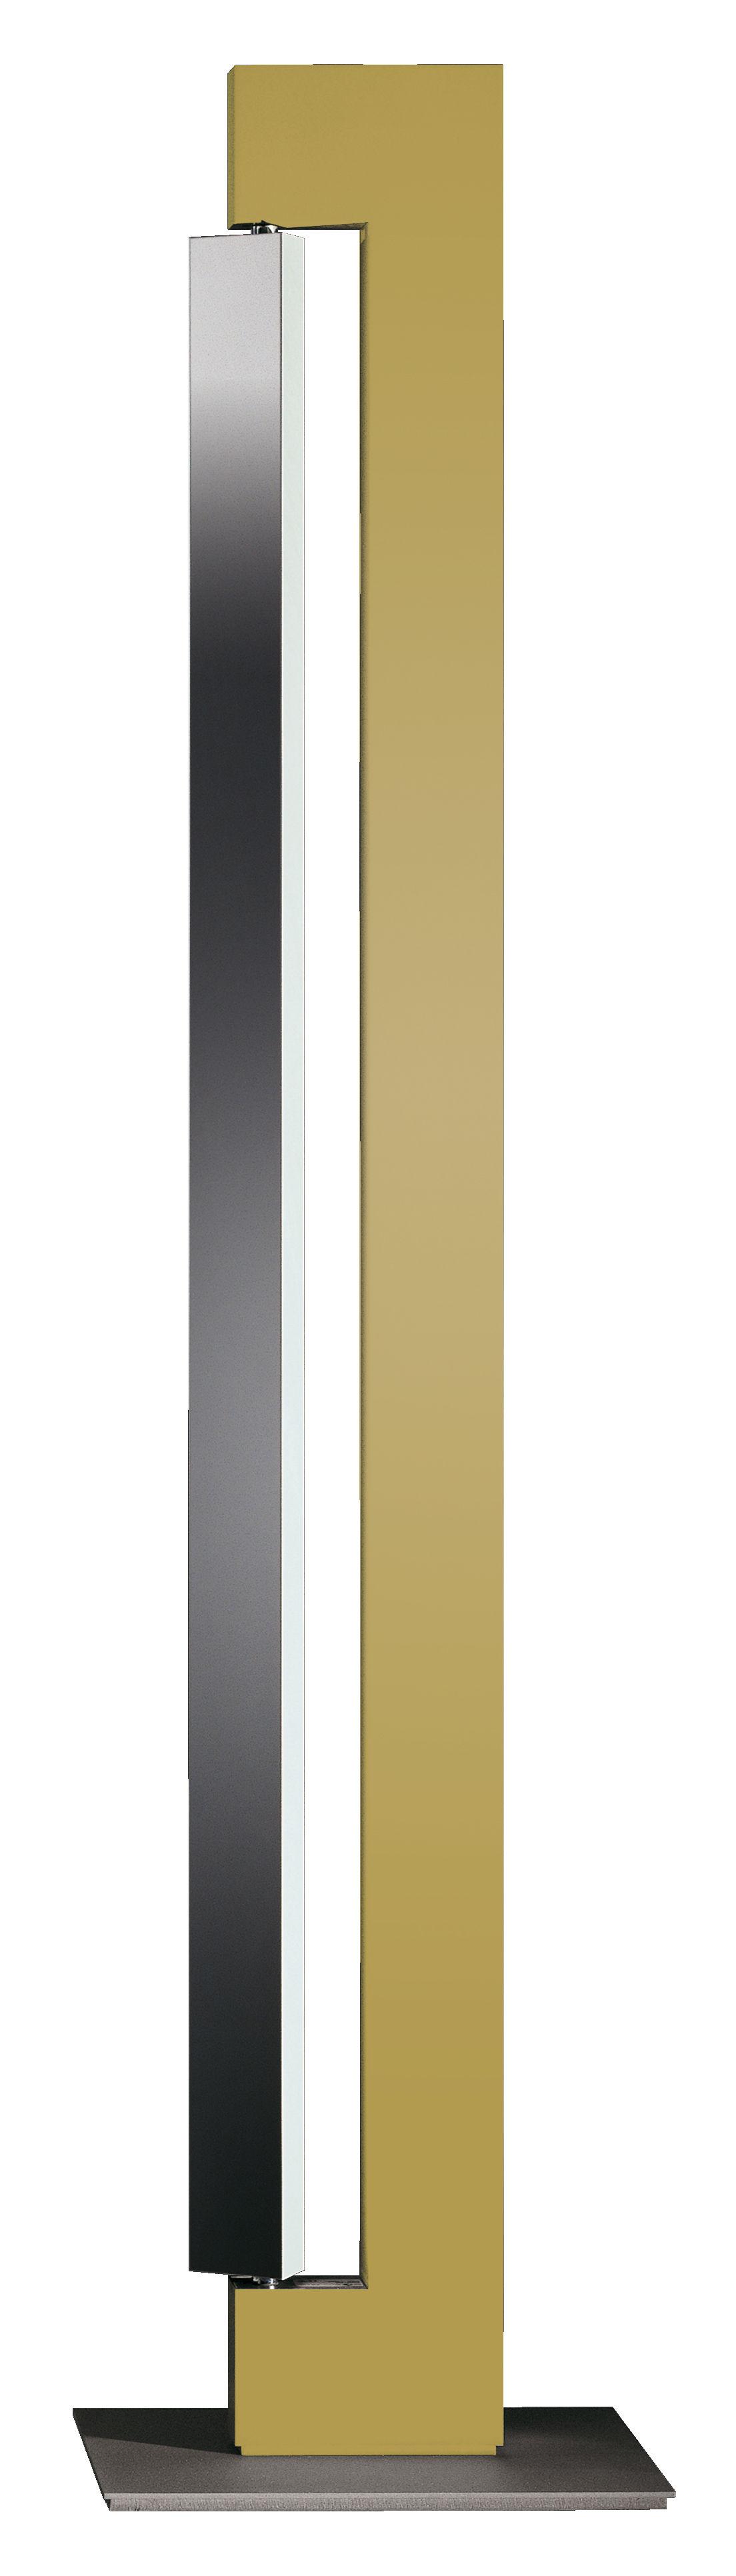 Luminaire - Lampadaires - Lampadaire Ara - Nemo - Champagne - Diffuseur aluminium - Aluminium